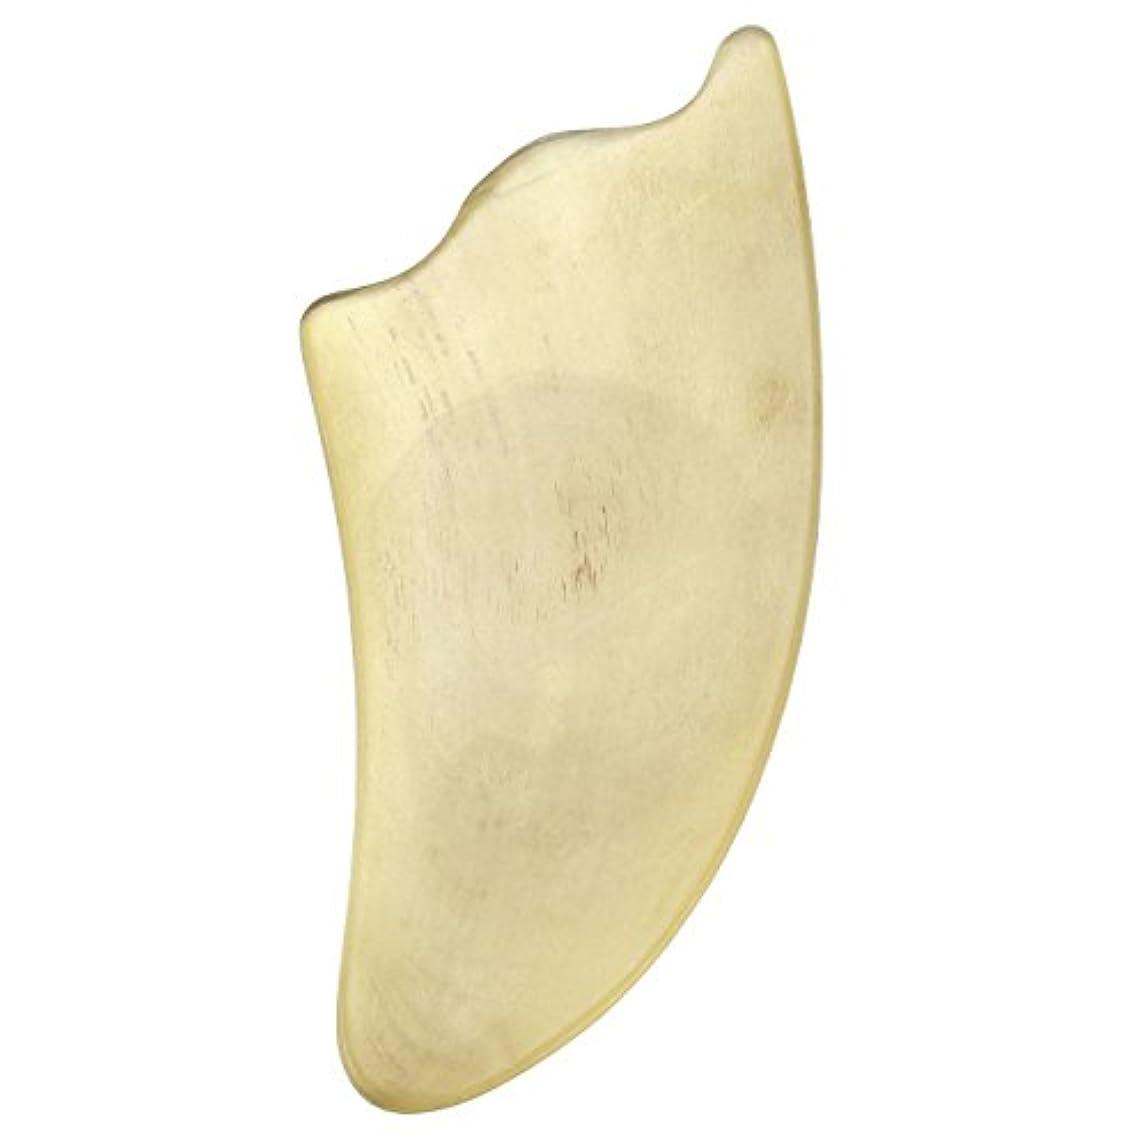 食事を調理する職人留め金Jovivi Mak カッサリフトプレート 黄色 牛角 パワーストーン カッサ板 美顔 カッサボード カッサマッサージ道具 ギフトバッグを提供 (三角形)